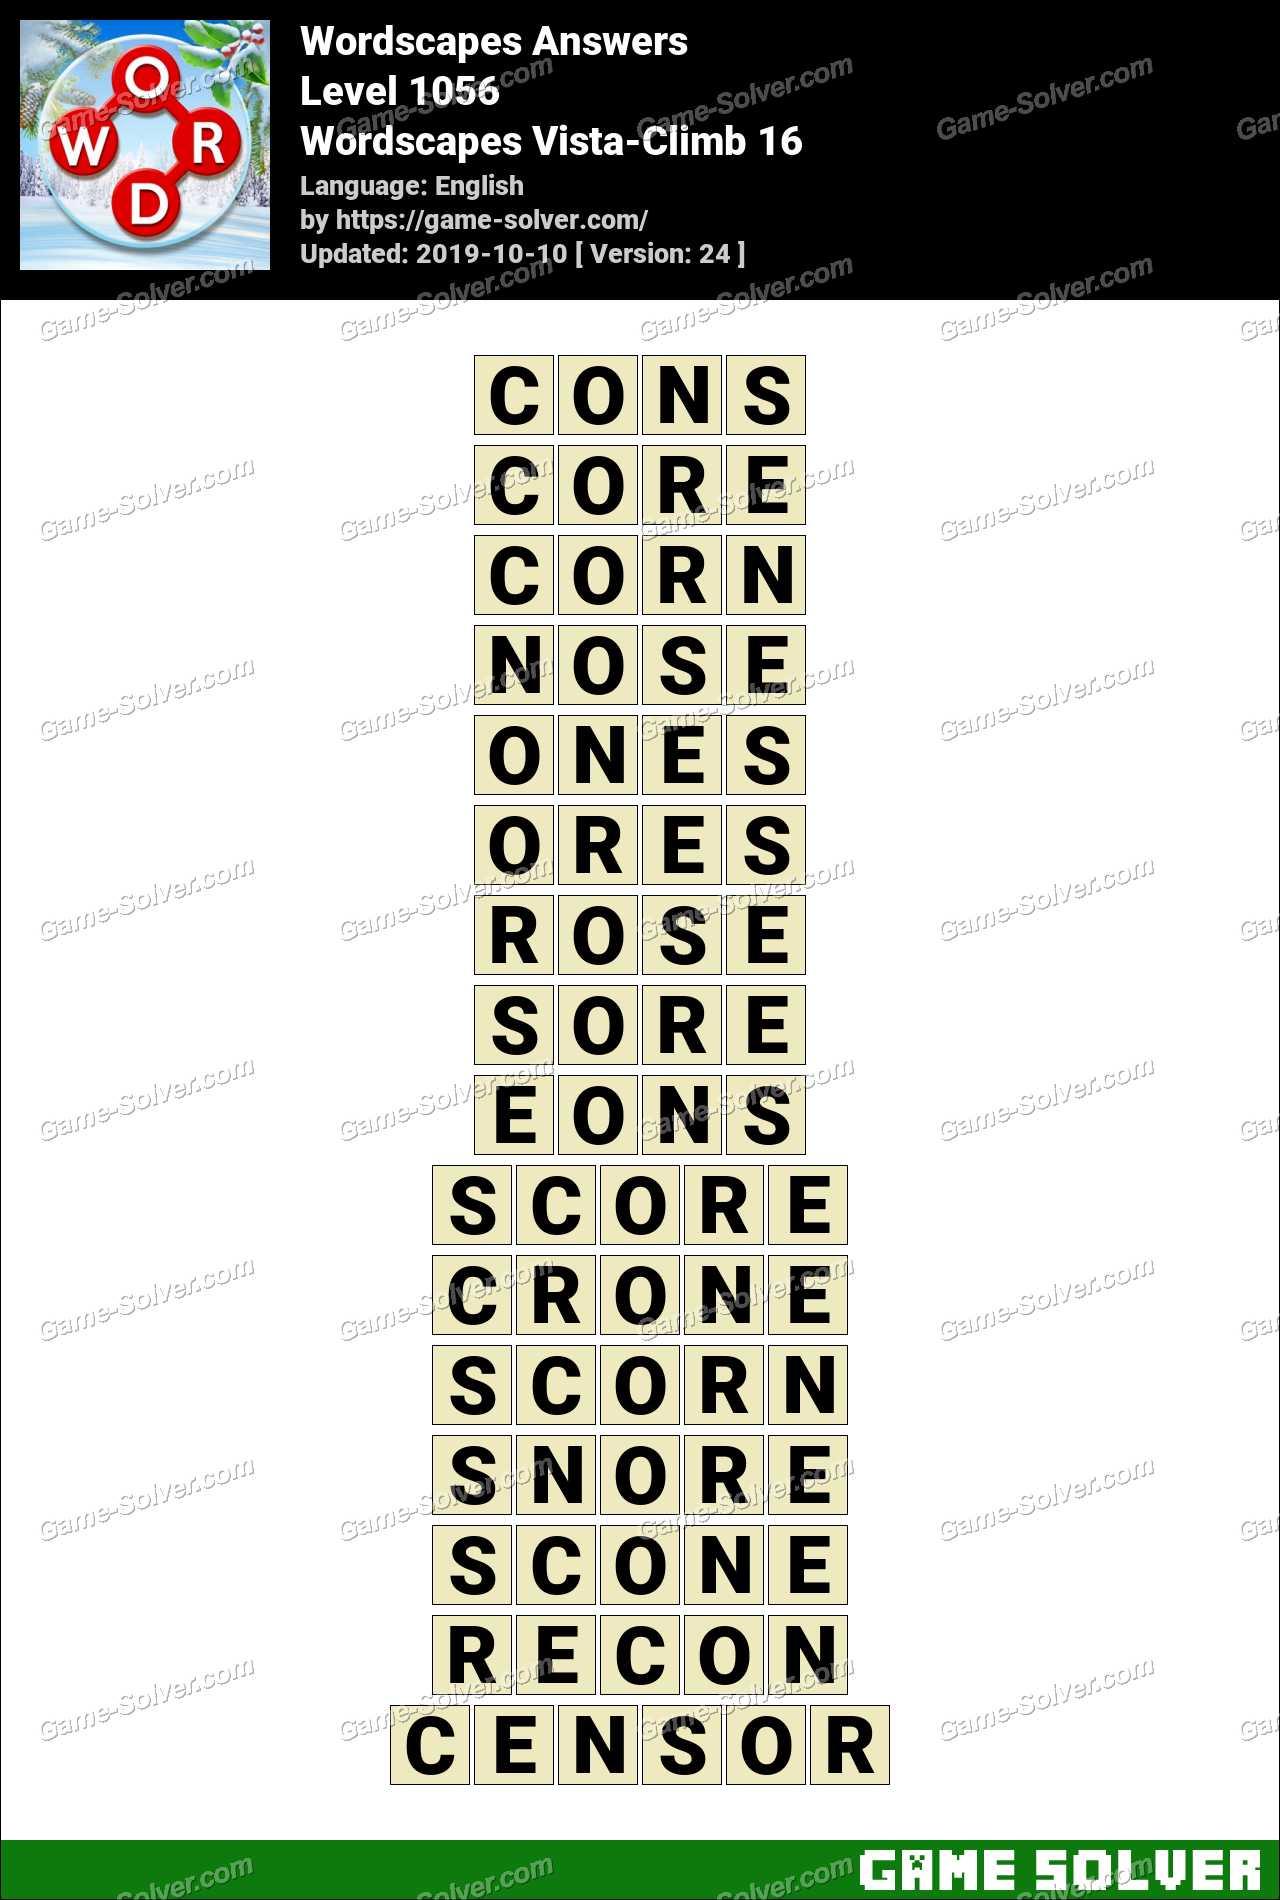 Wordscapes Vista-Climb 16 Answers